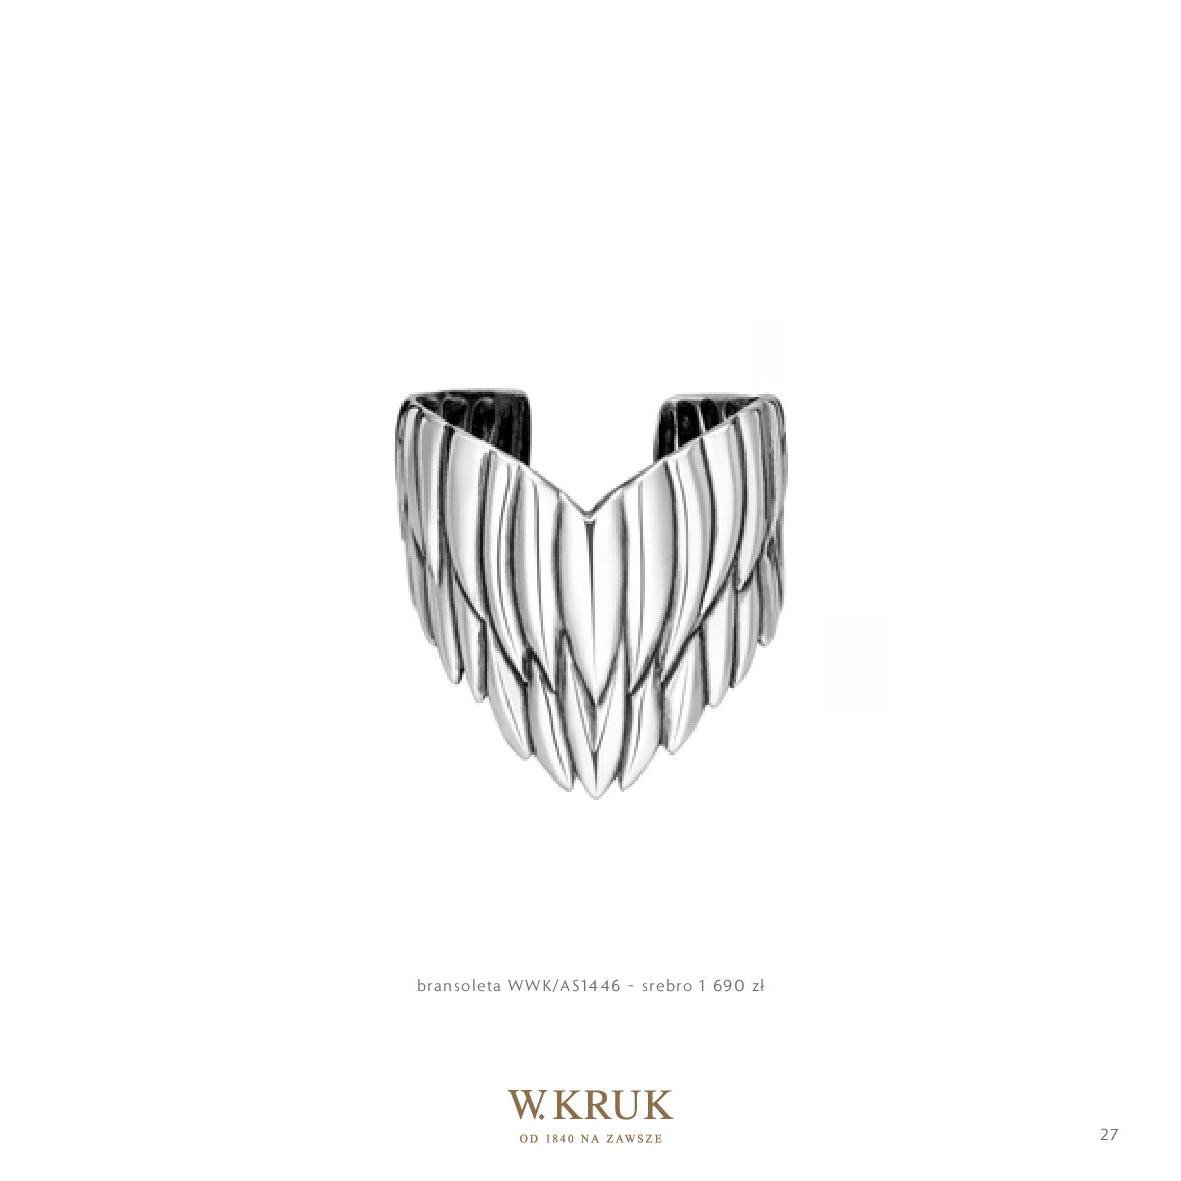 Gazetka W. KRUK: Katalog - Freedom Wolf 2021-02-17 page-29